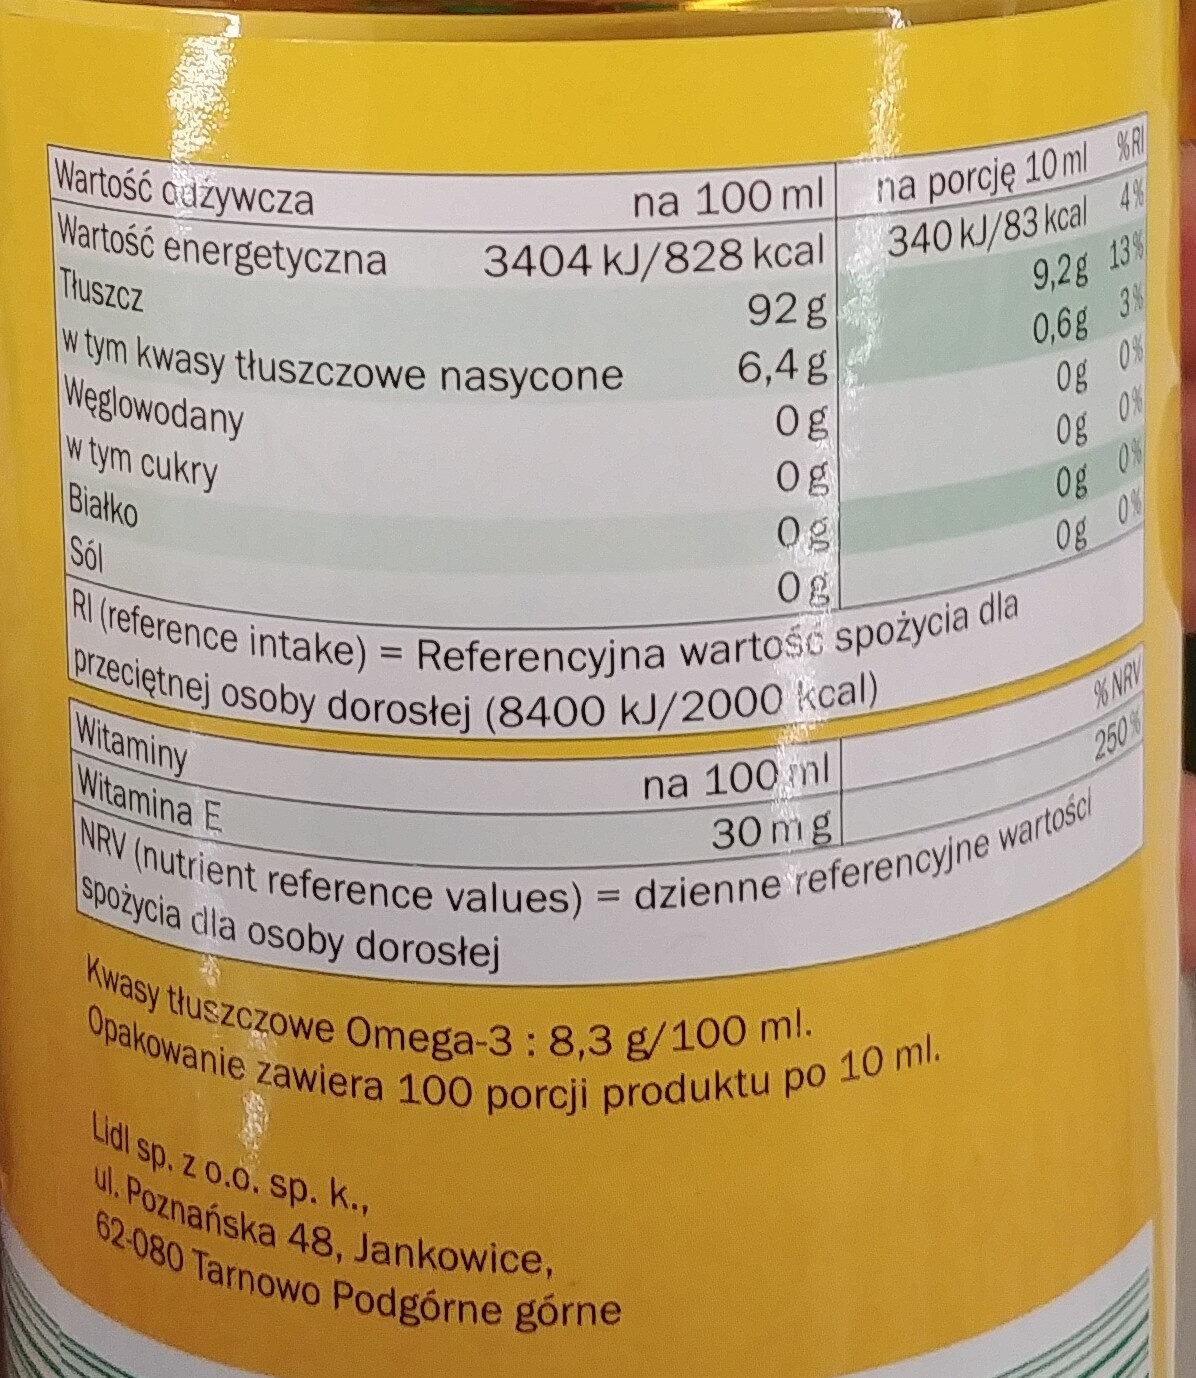 Rapsöl - Wartości odżywcze - pl